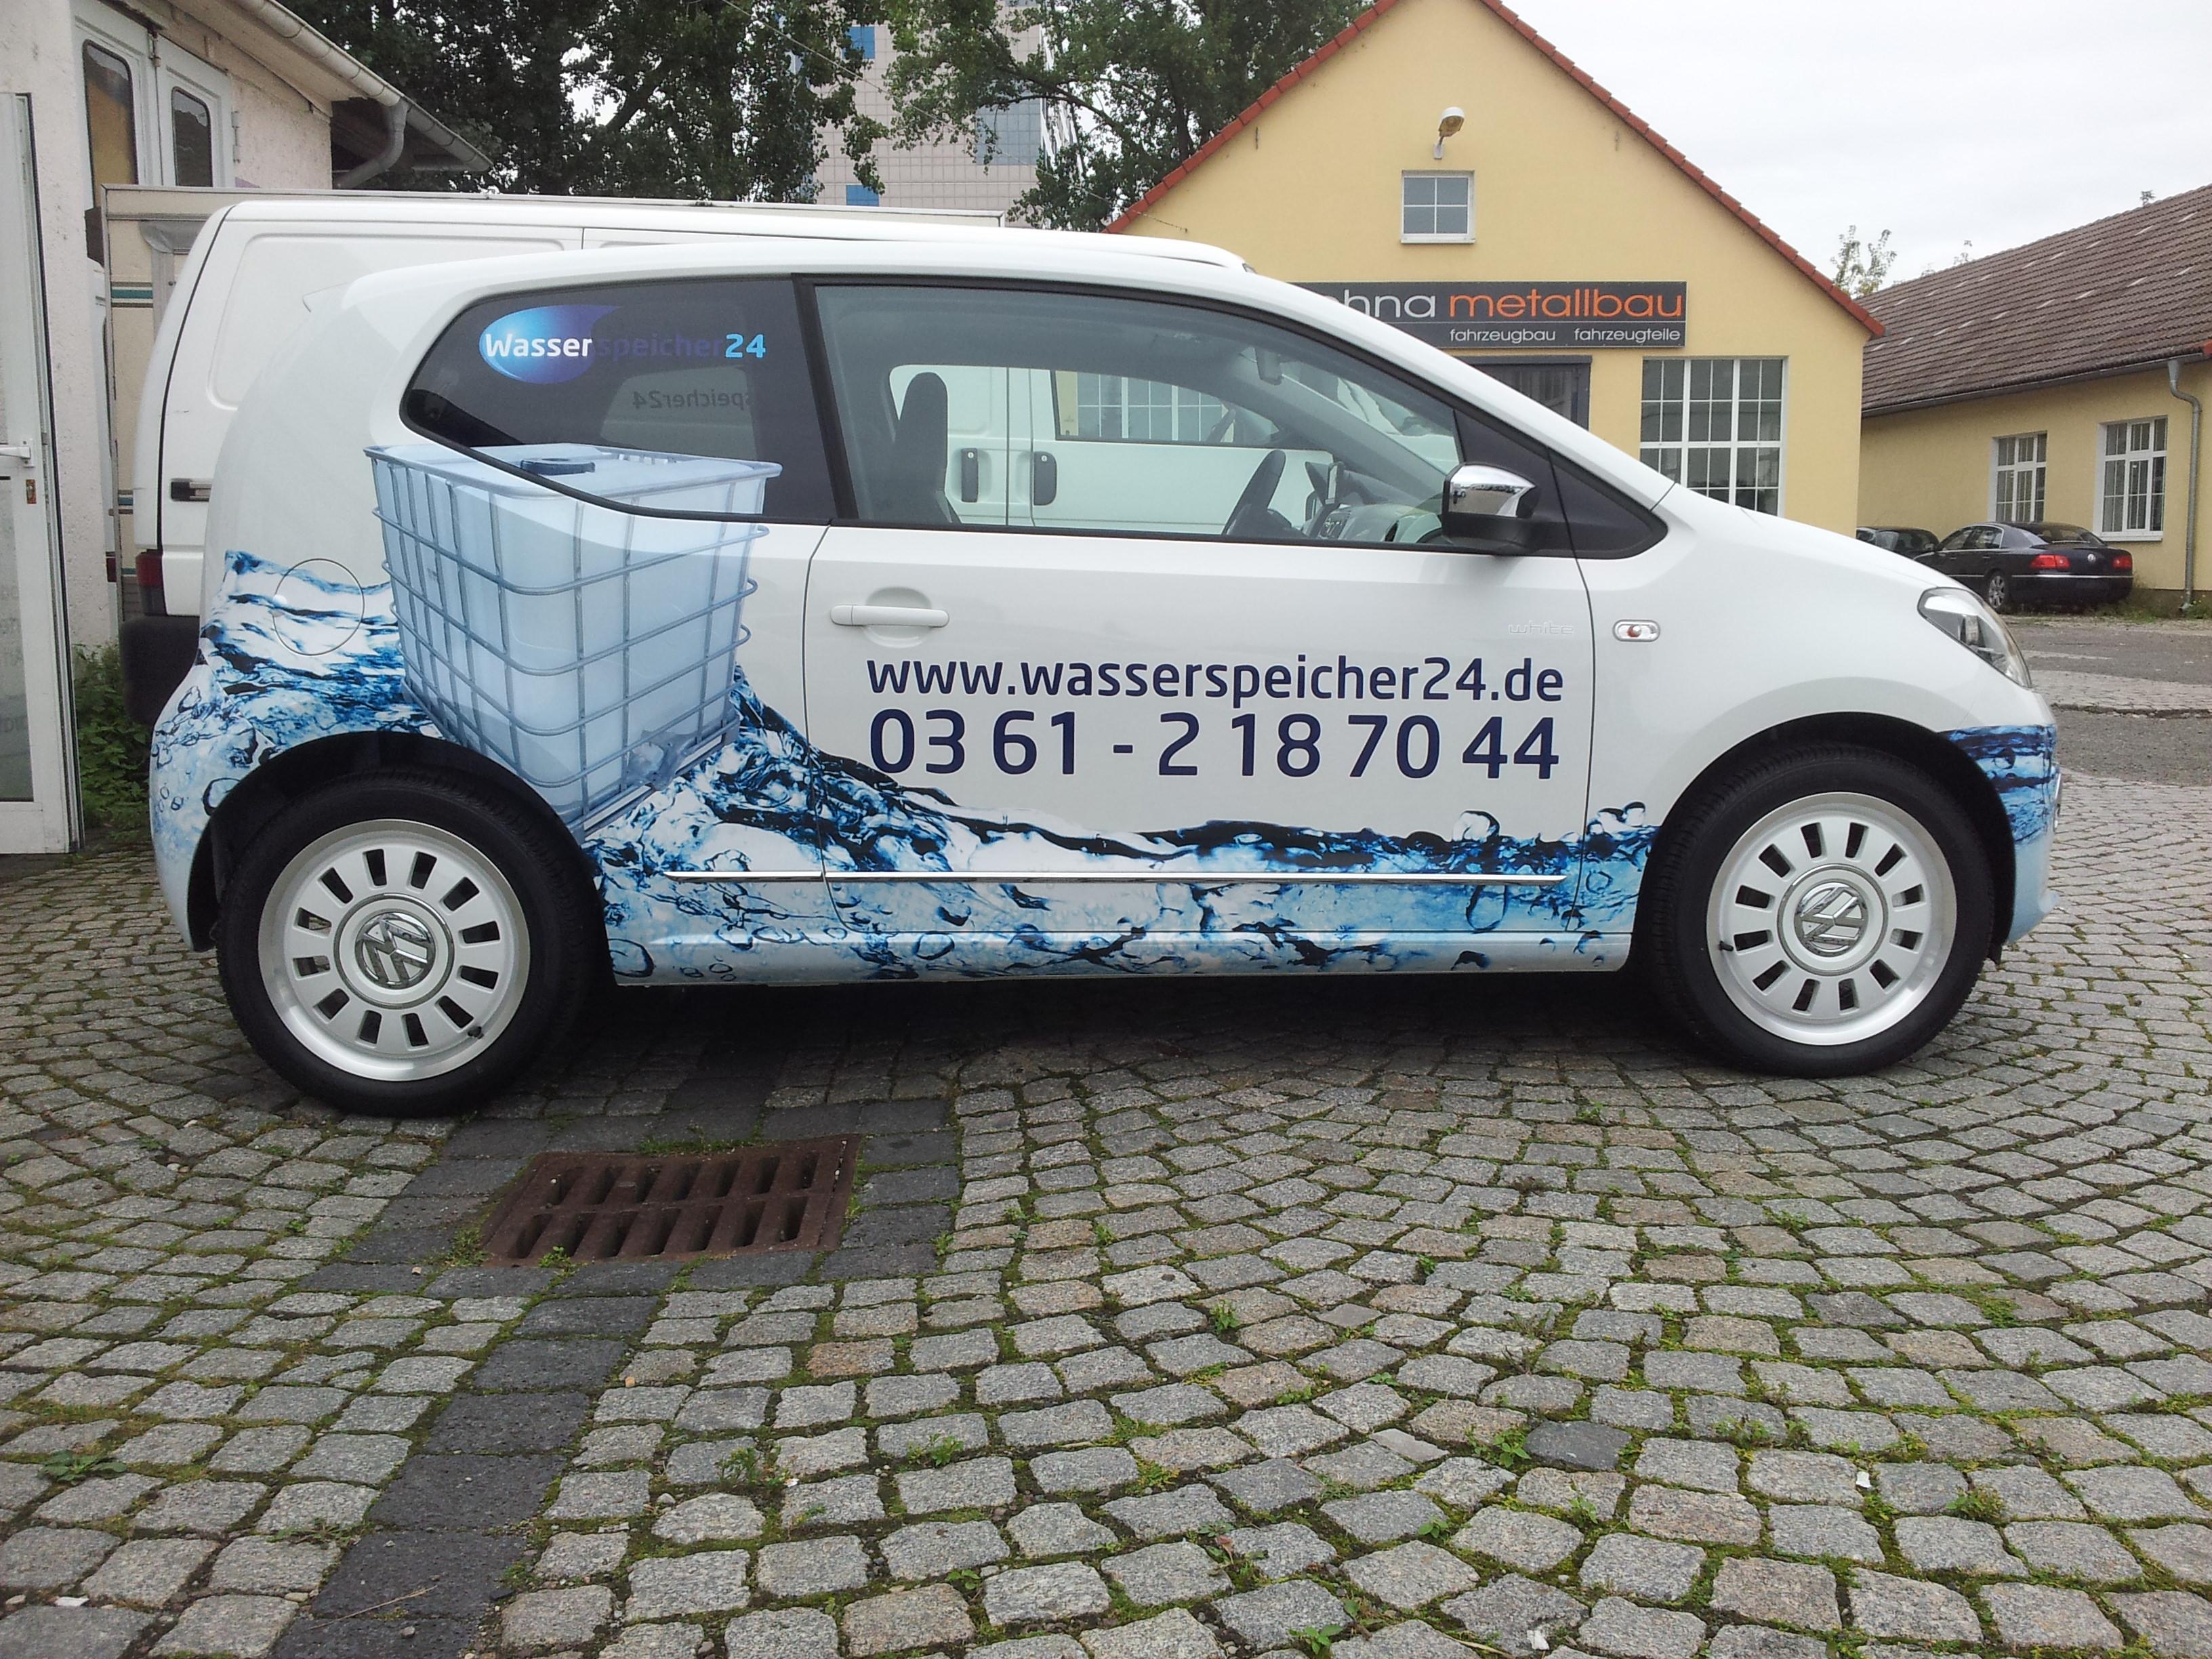 Fahrzeugbeschriftung Wasserspeicher24